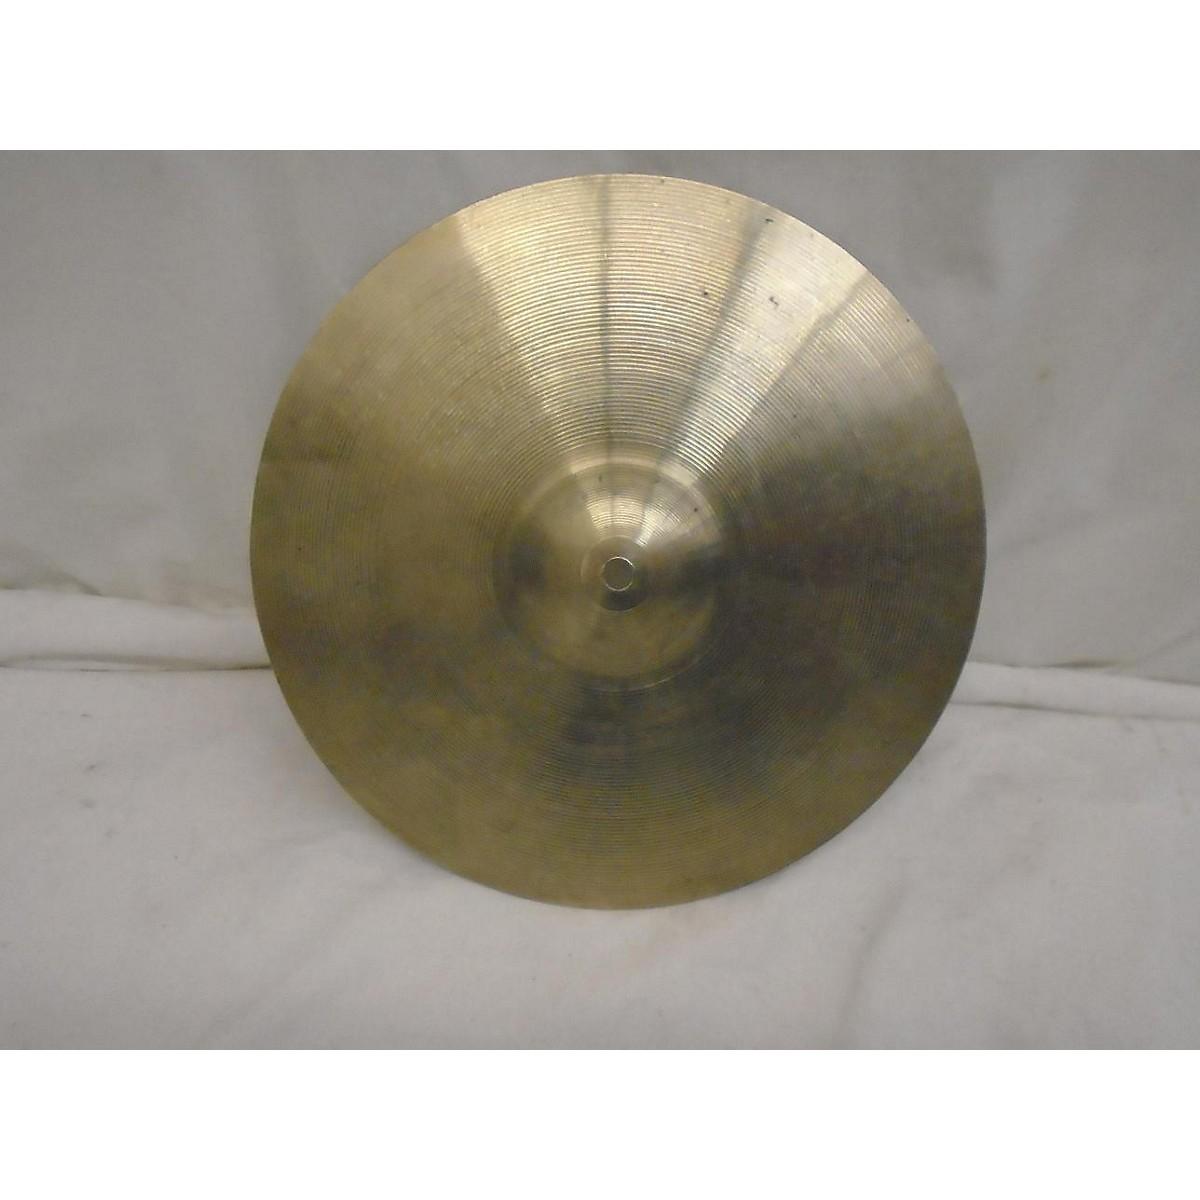 Zildjian 14in Avedis Hi Hat Cymbal